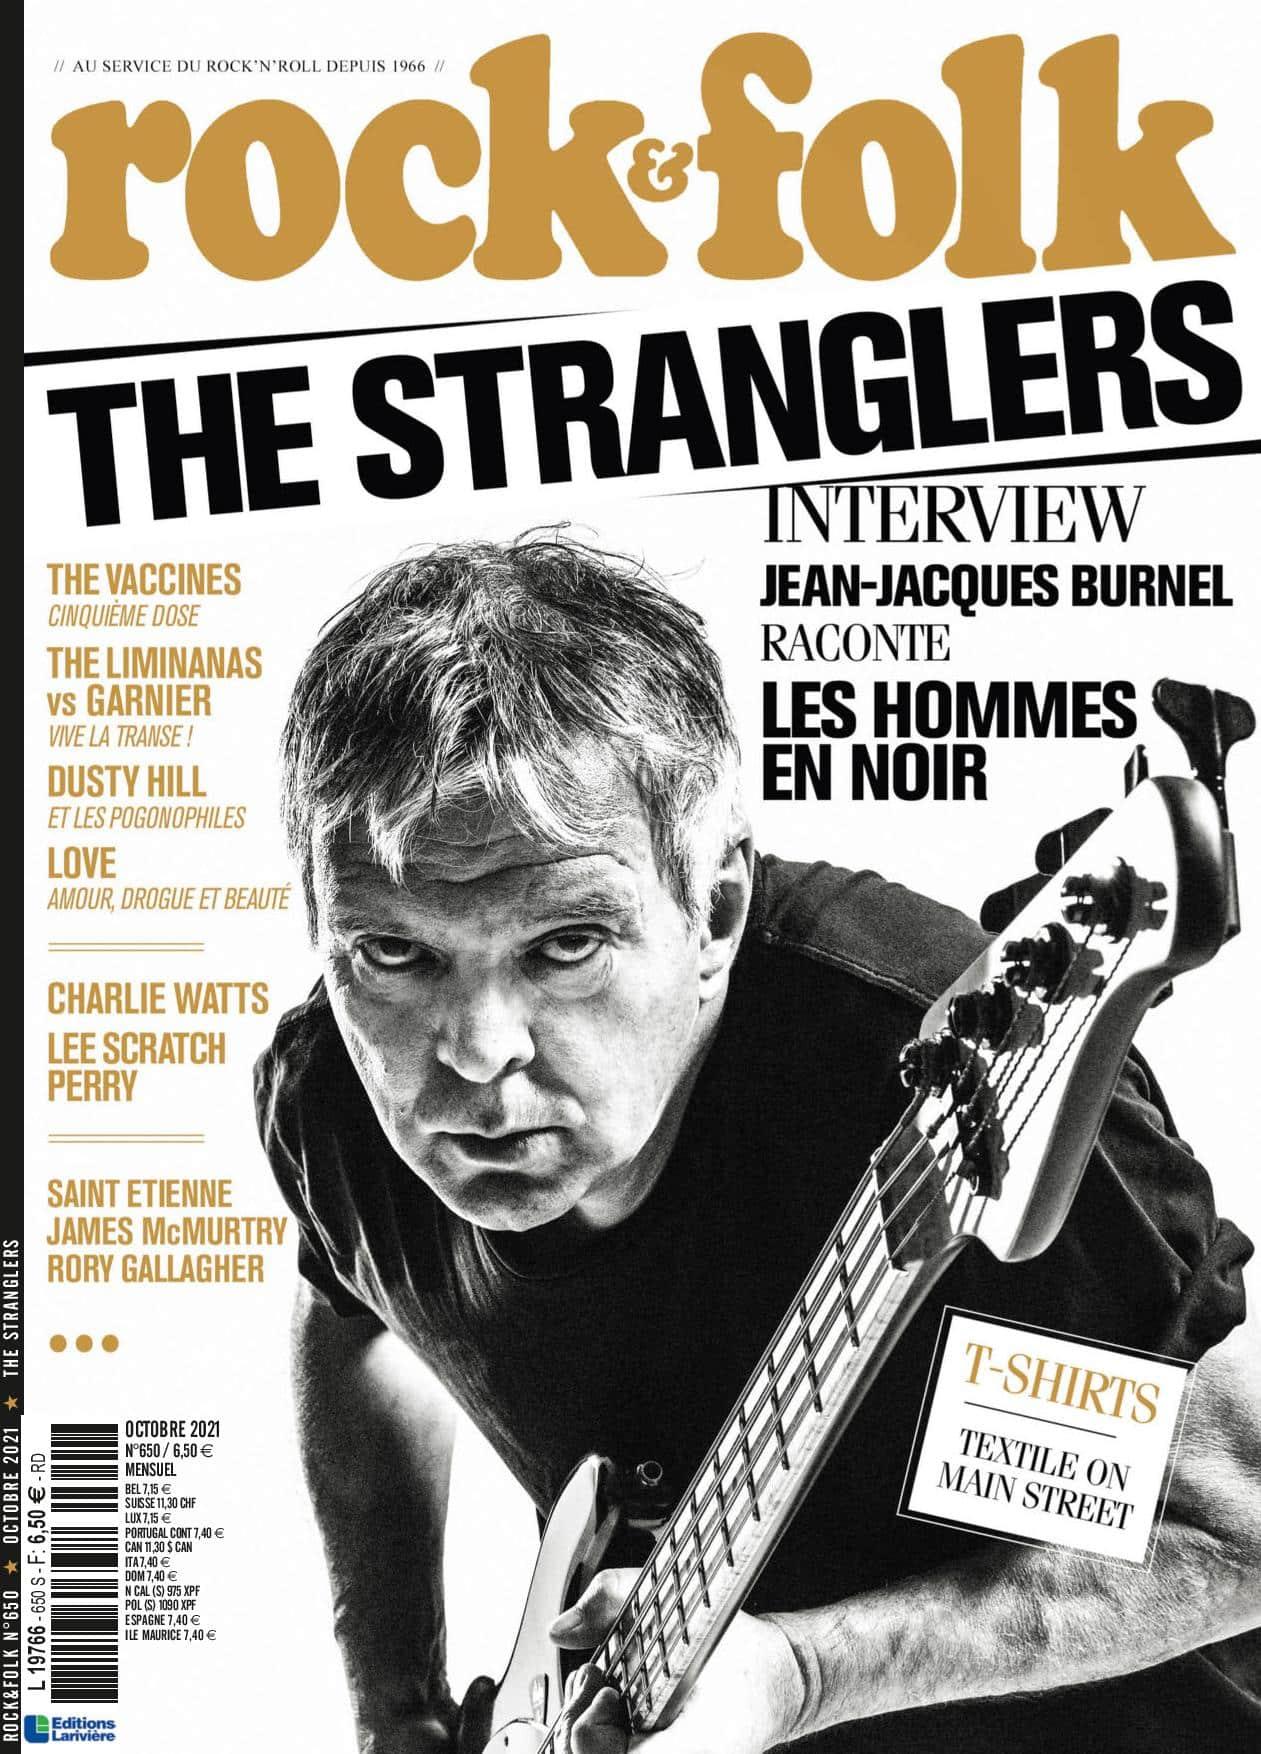 rocknfolk650 - The Stranglers